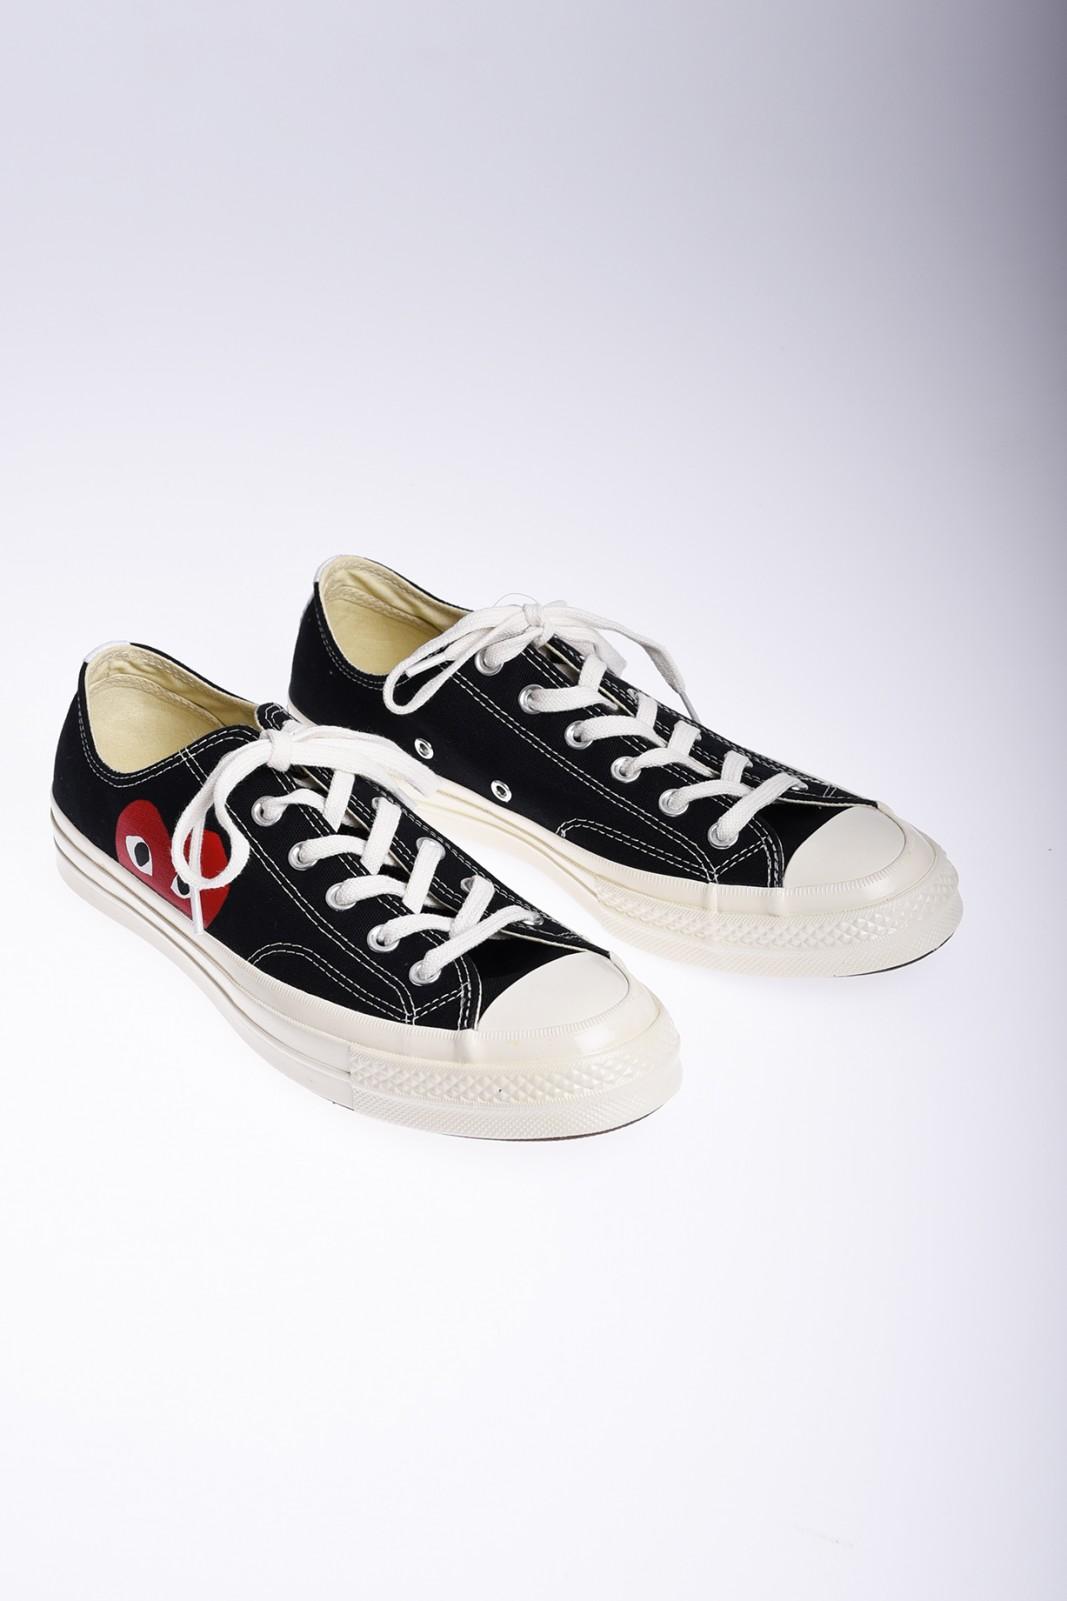 comme des garçons tennis shoes